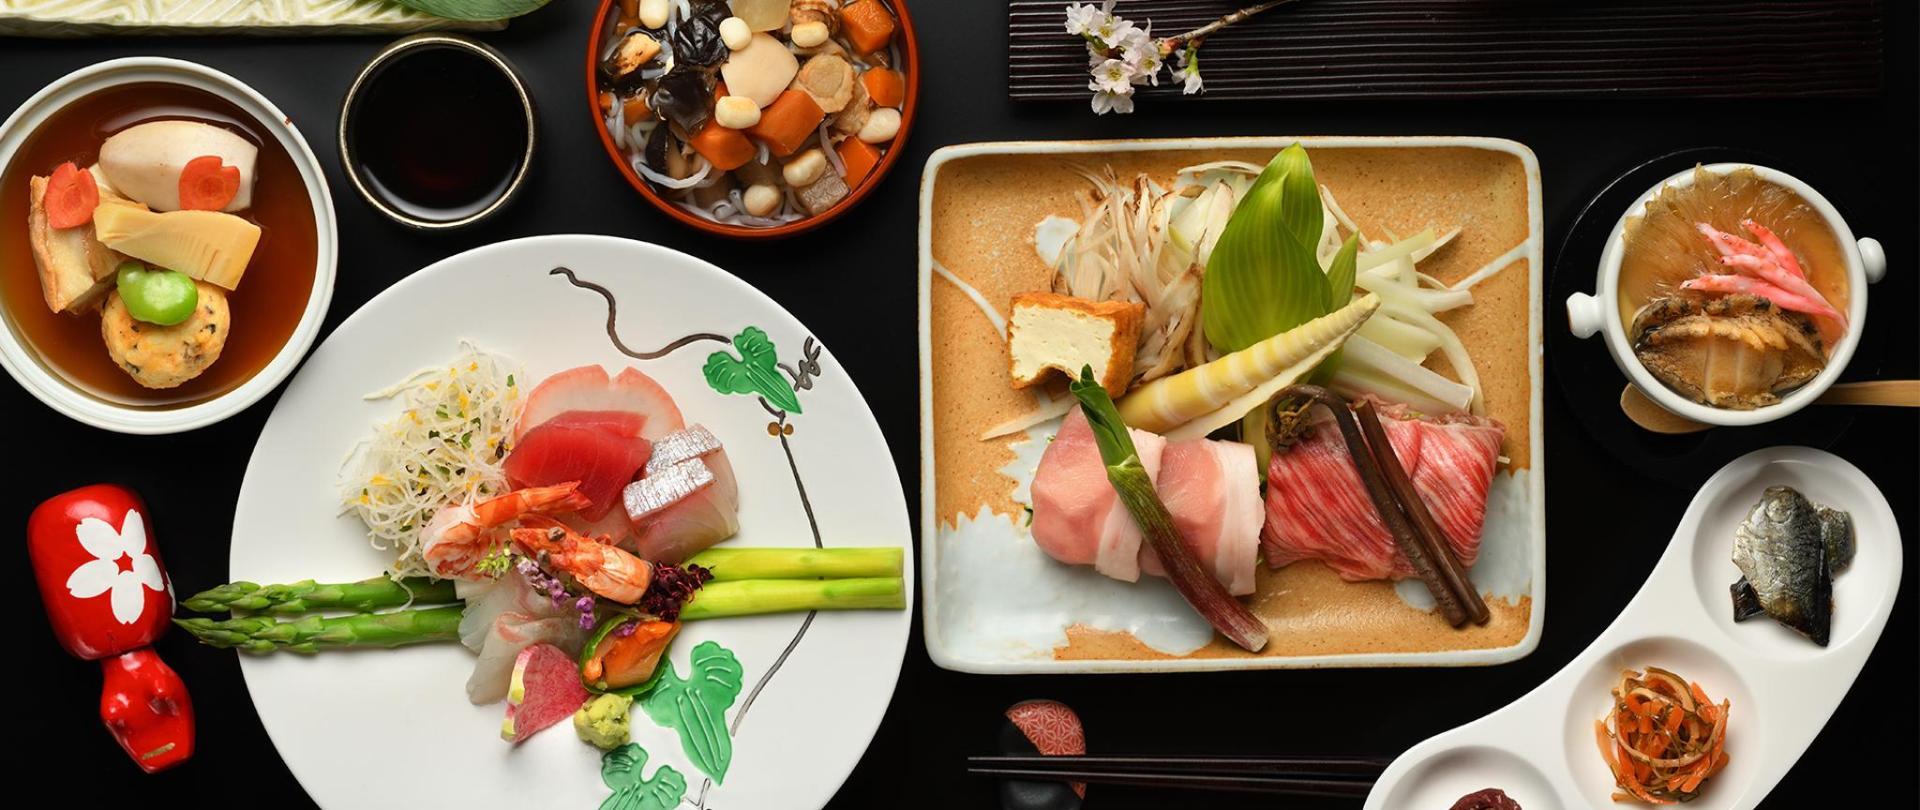 일본 회석 요리 일례